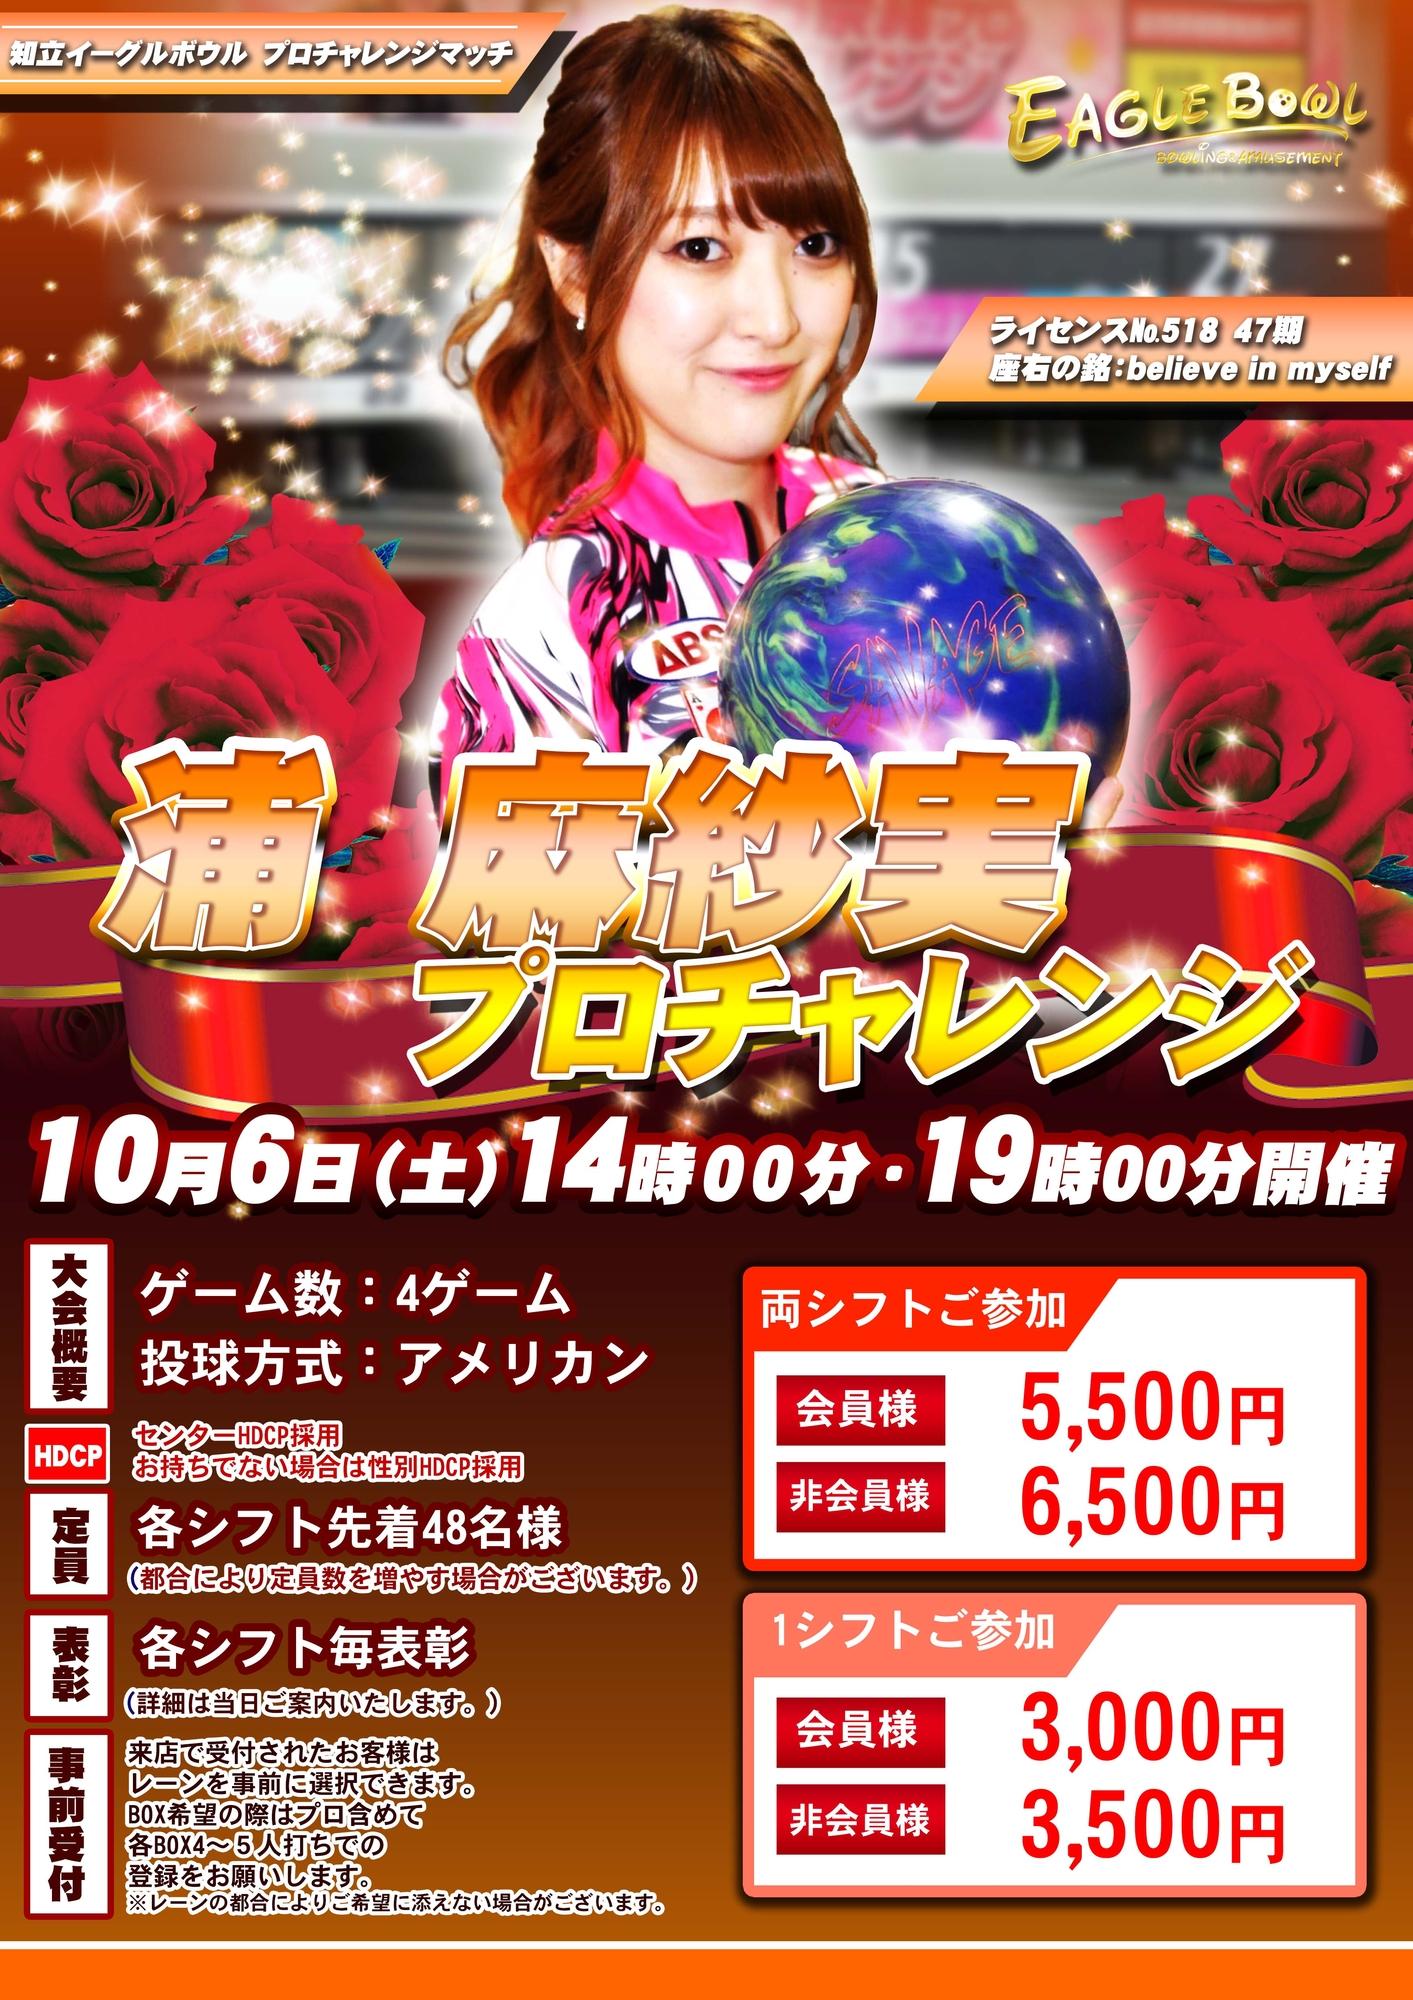 10/6 浦麻紗実プロチャレンジ